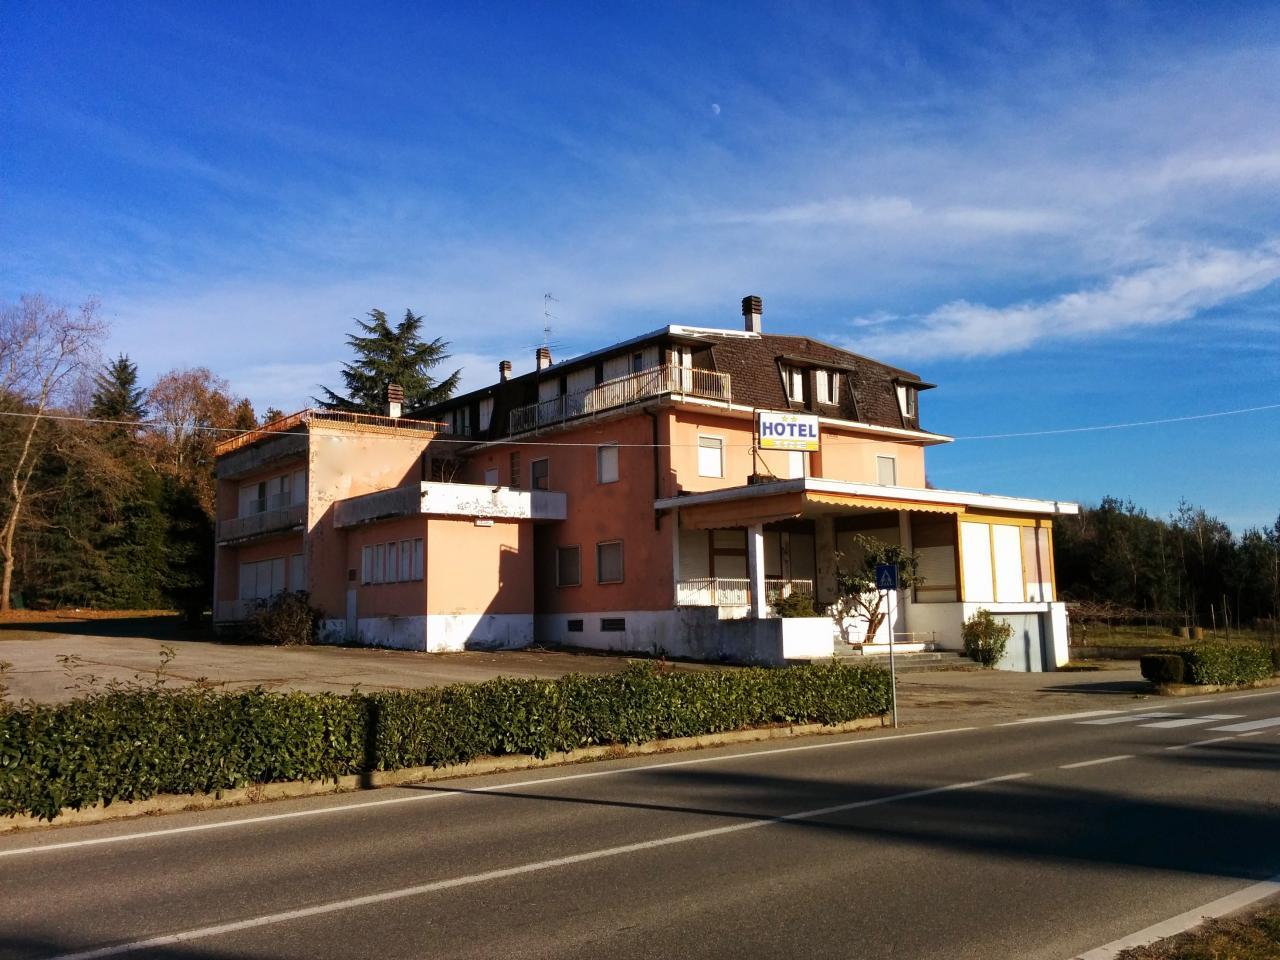 Negozio / Locale in vendita a Fara Novarese, 9999 locali, prezzo € 700.000 | Cambio Casa.it